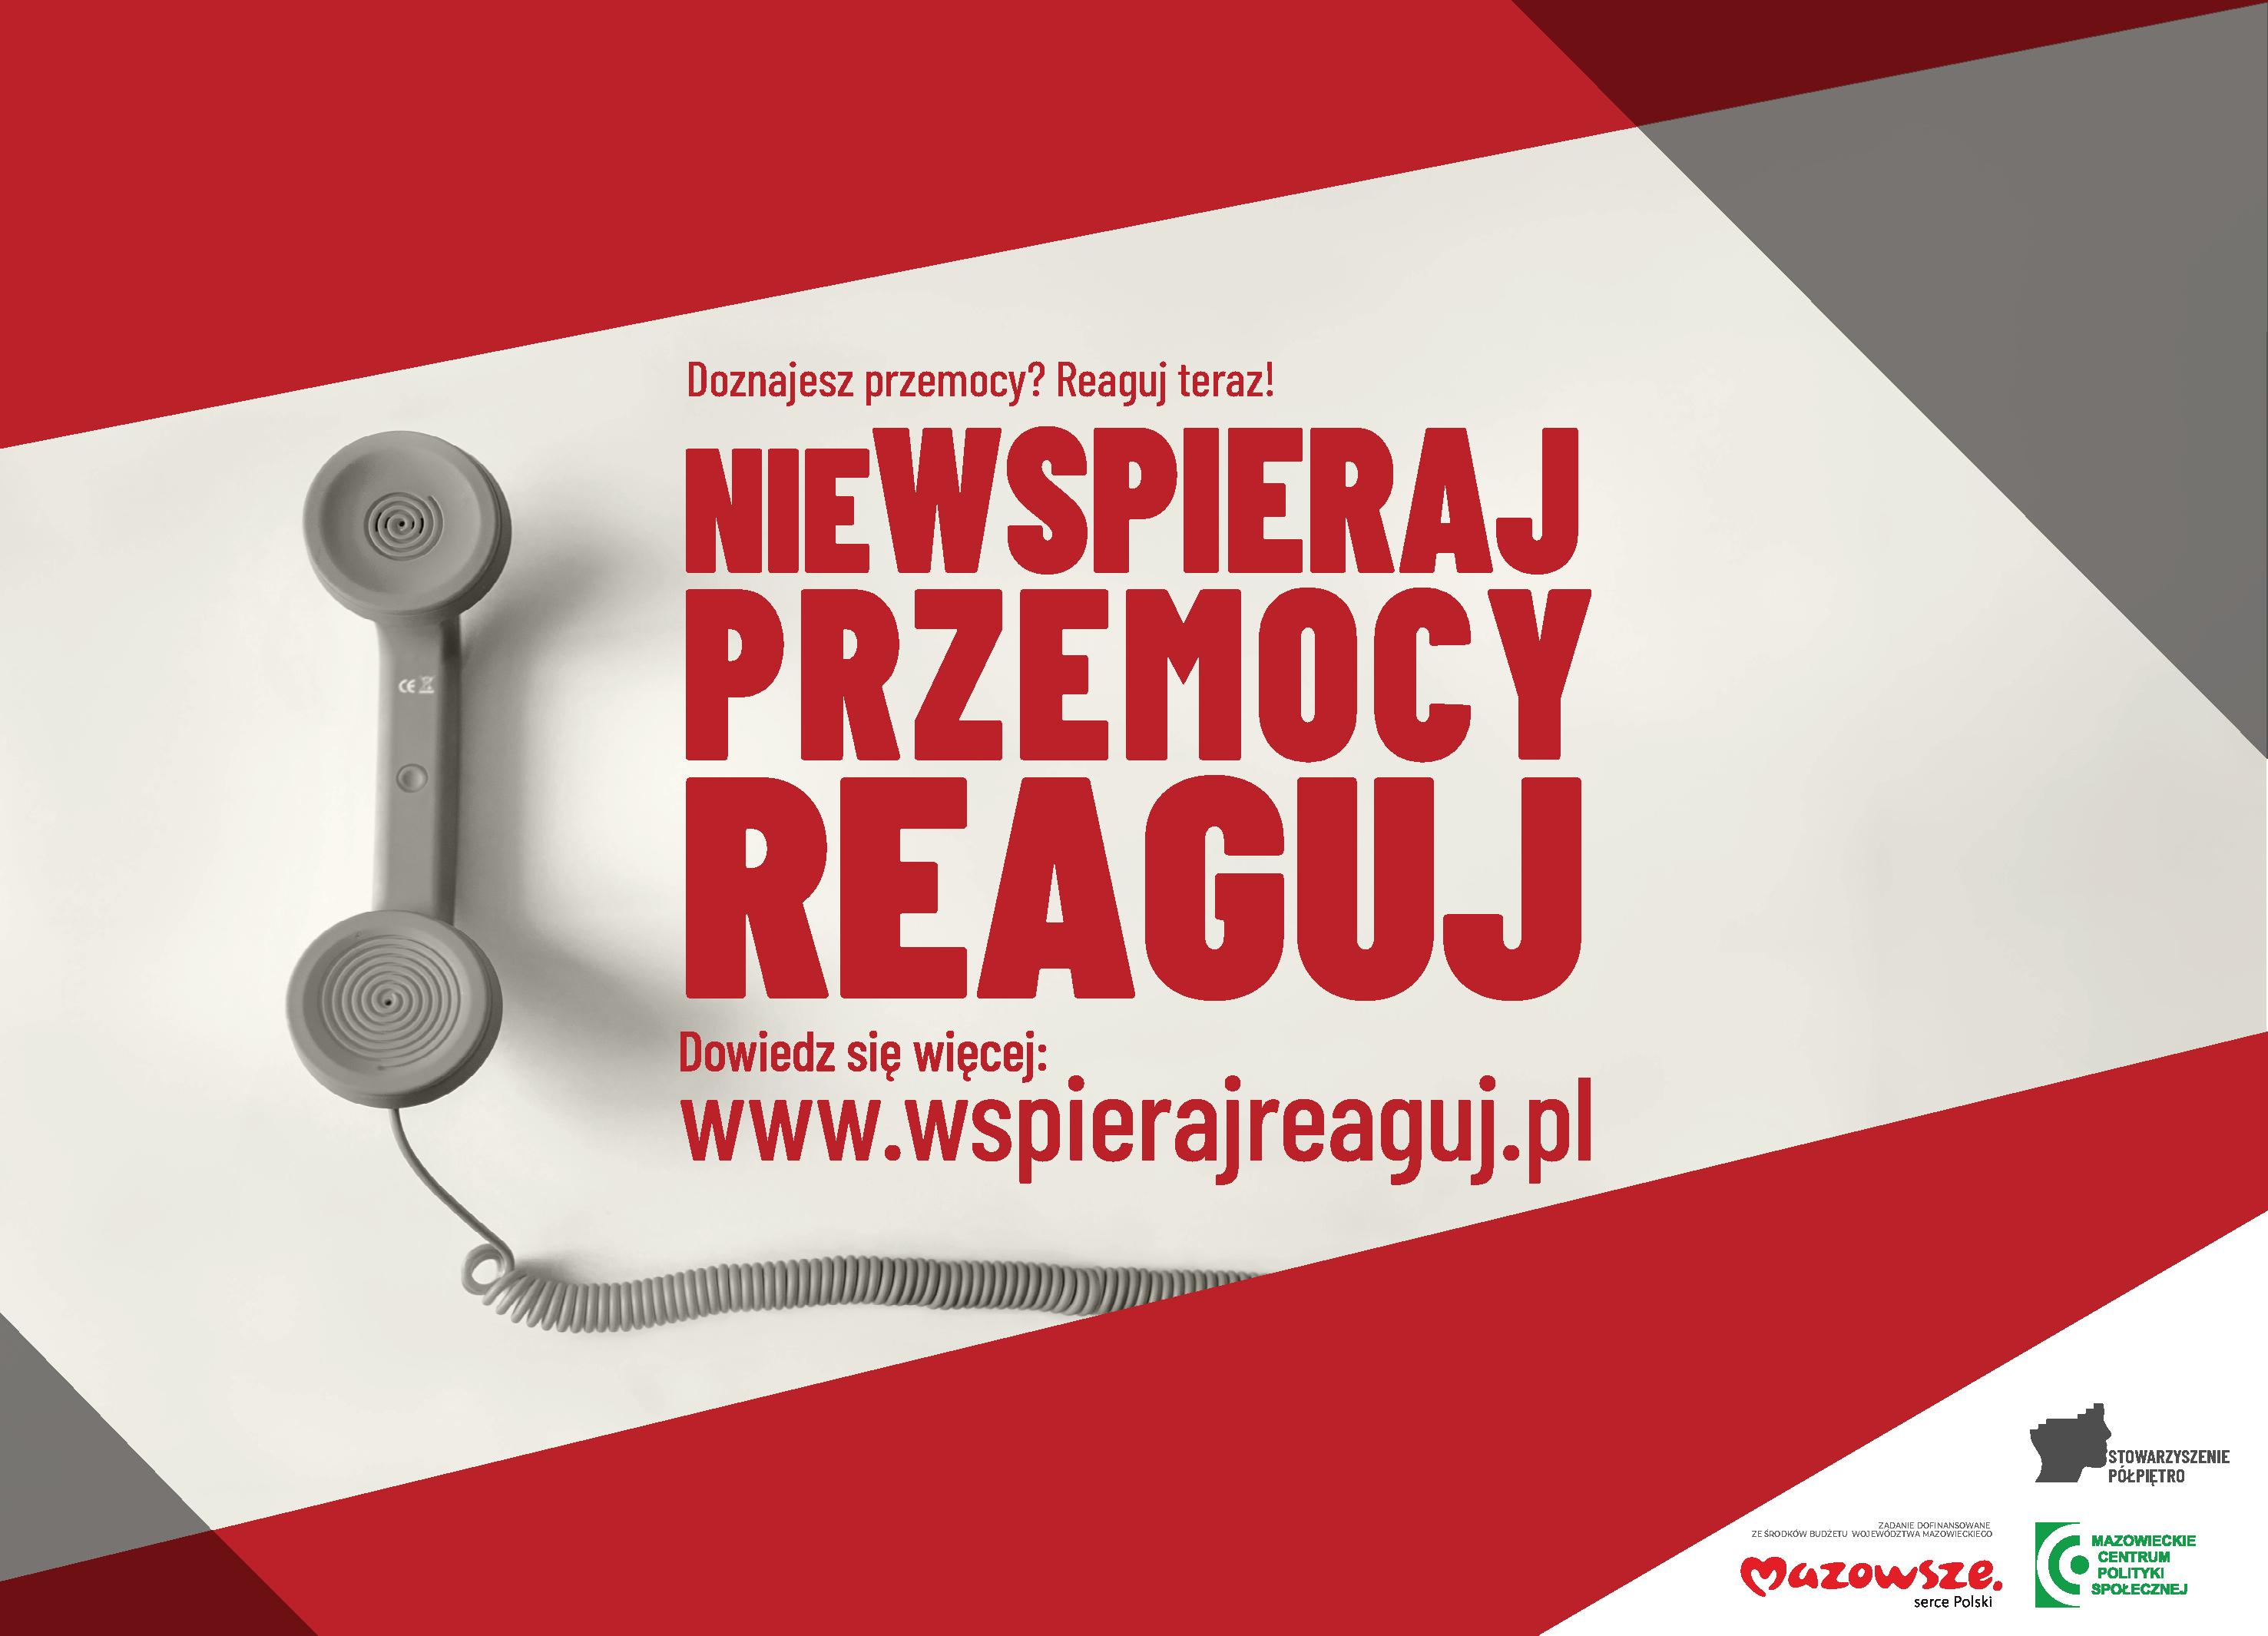 www.wspierajreaguj.pl